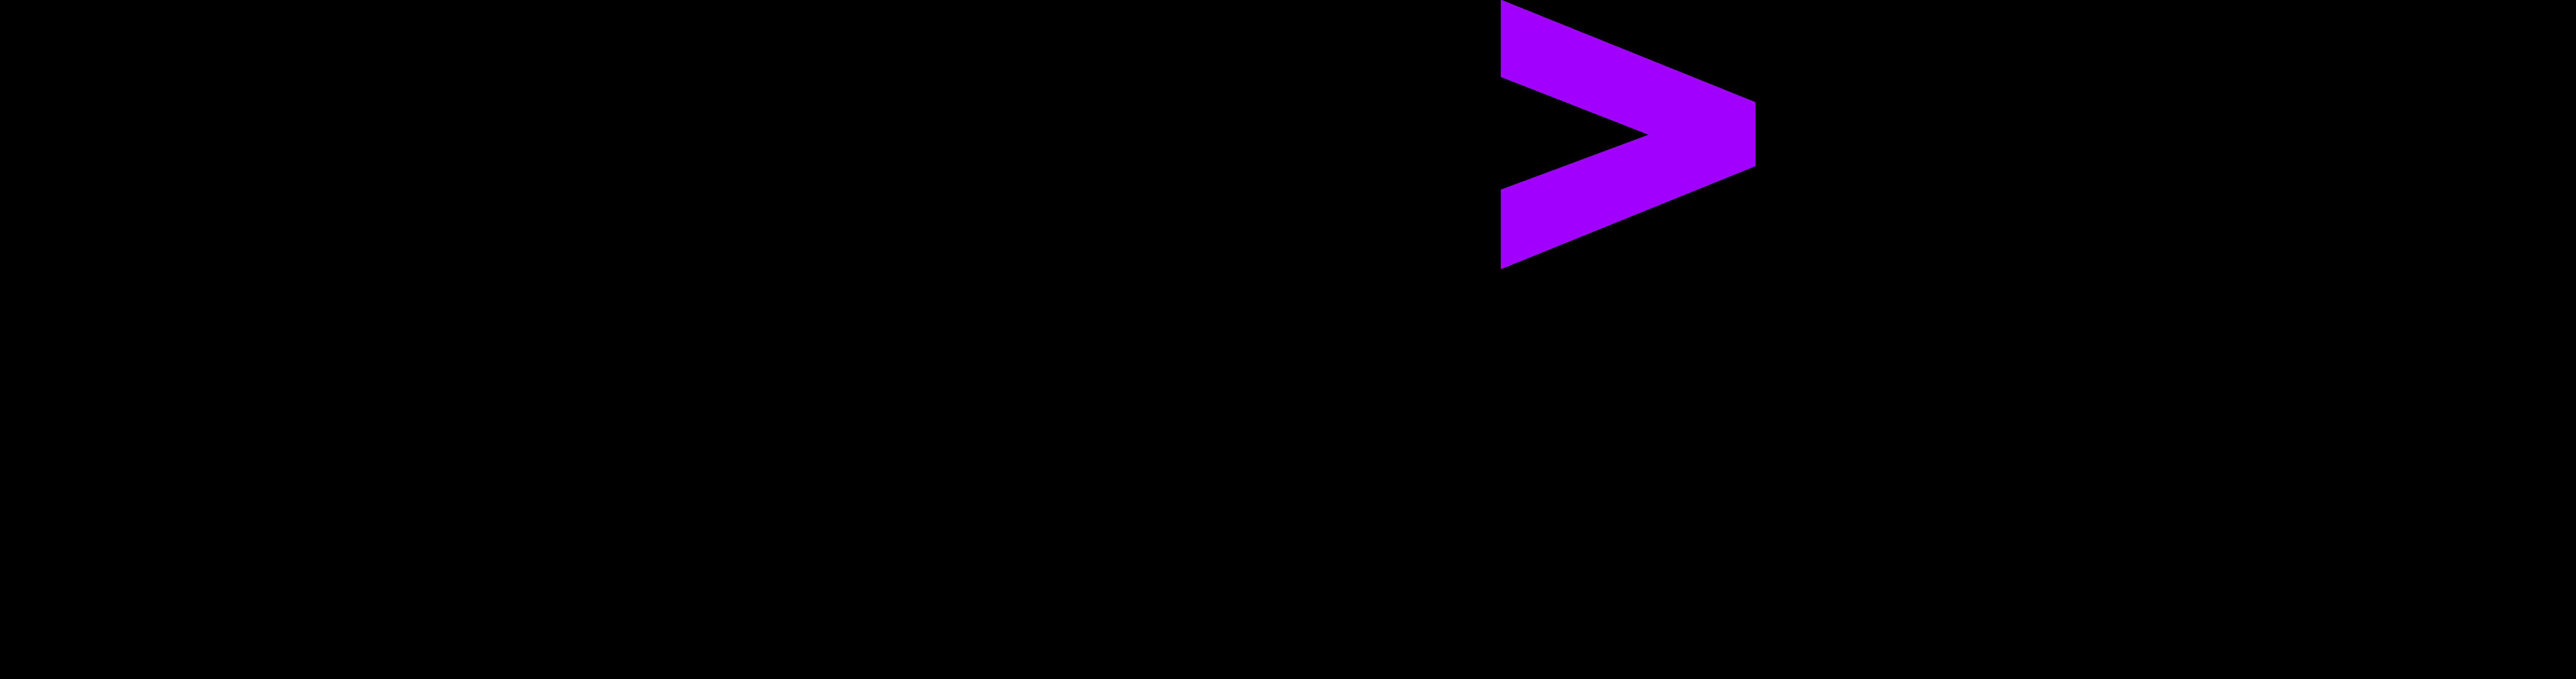 Acc_Logo_Black_Purple_RGB